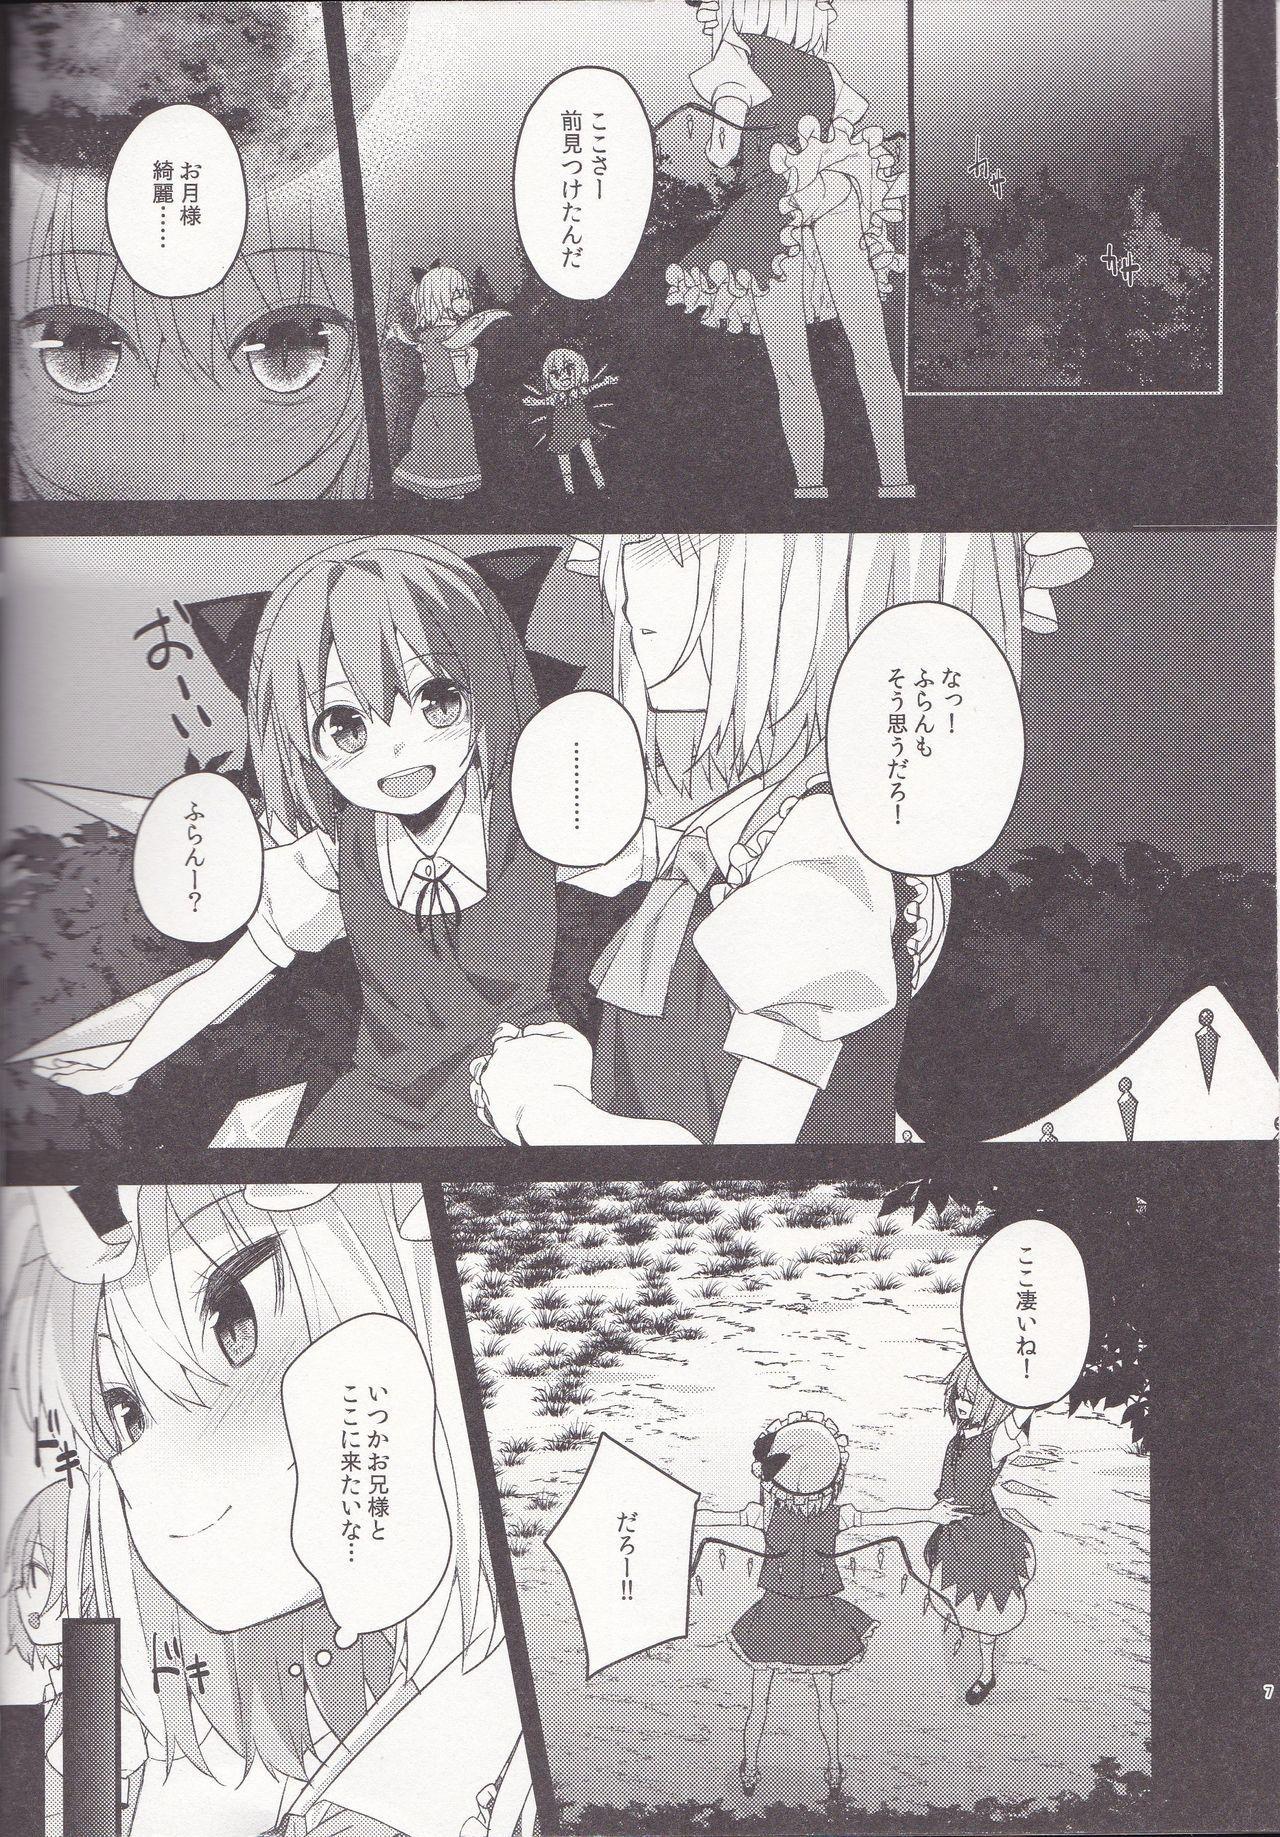 Mangetsu no Yoru 5